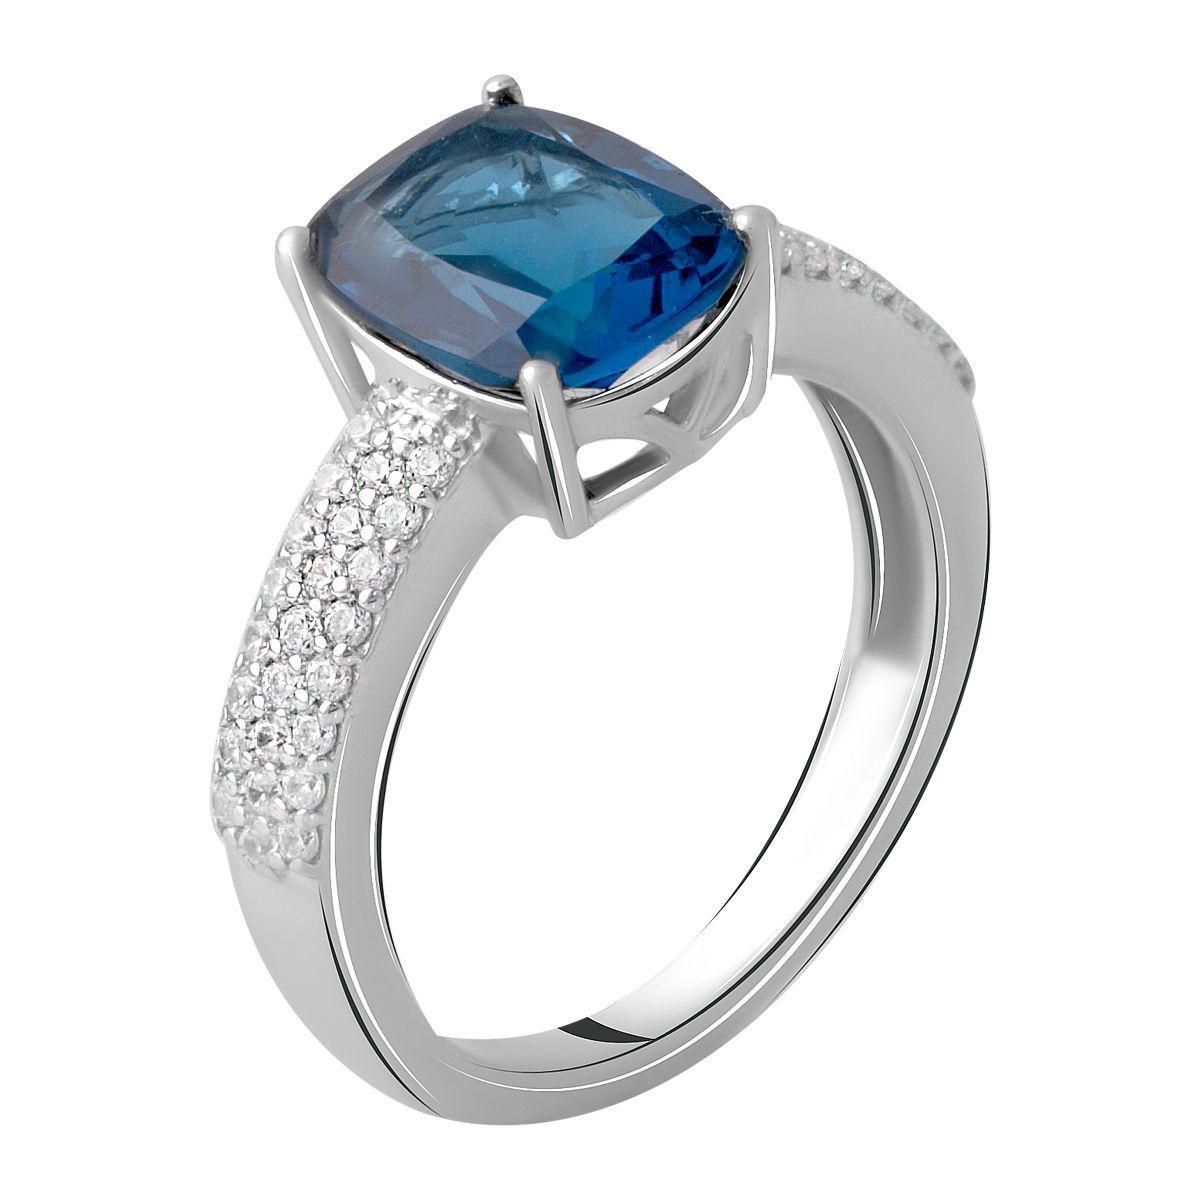 Серебряное кольцо pSilverAlex с натуральным топазом Лондон Блю 2.803ct (2062349) 18 размер